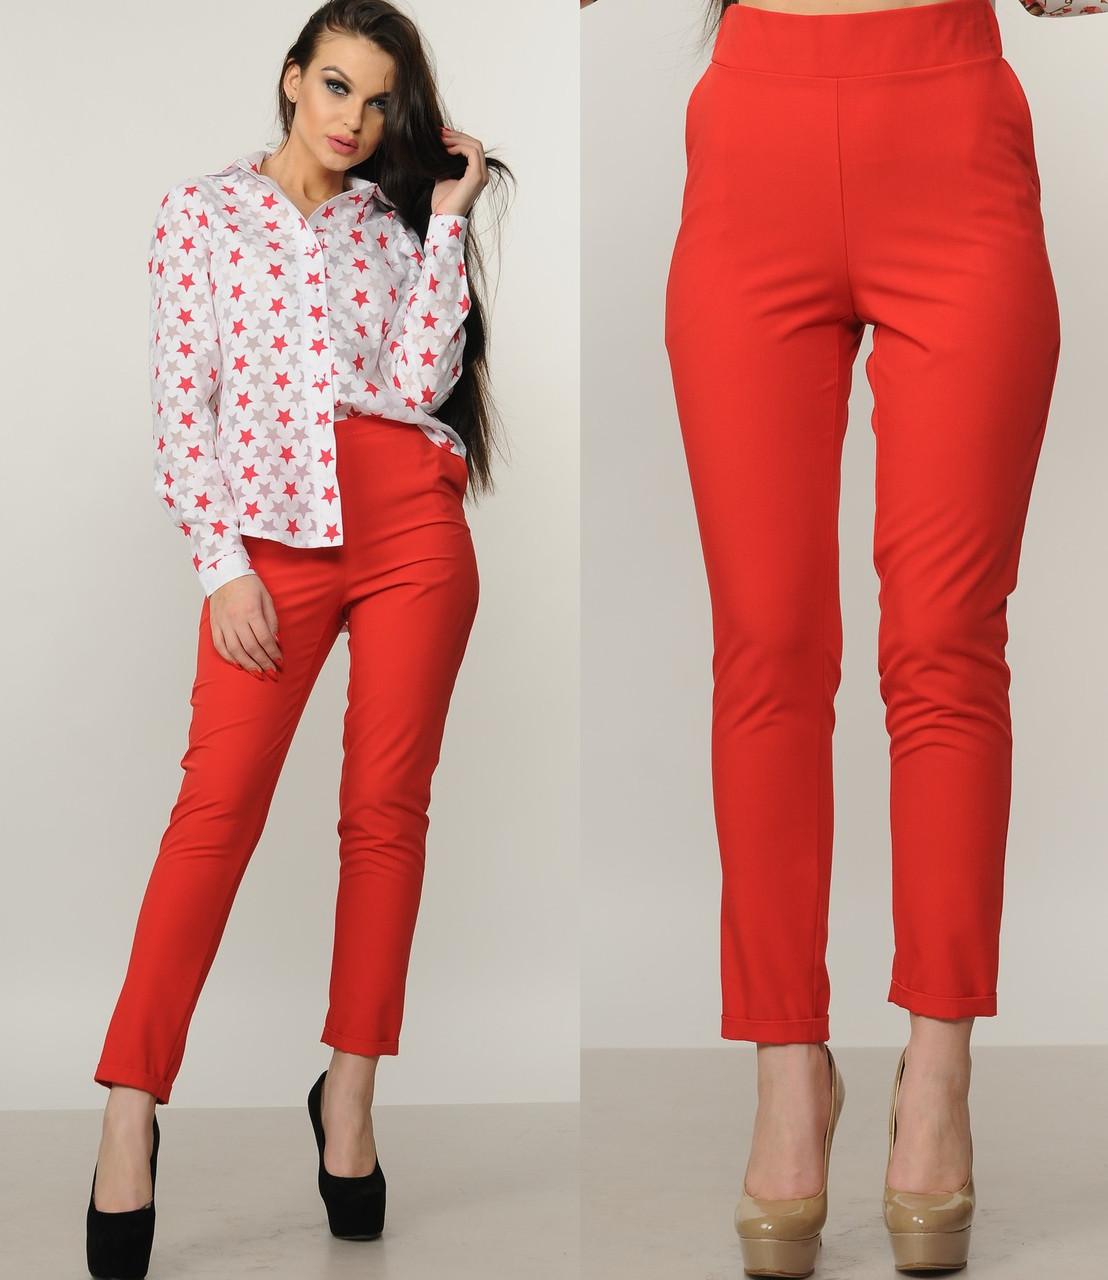 565f5472246d Красные брюки сигареты с высокой посадкой женские зауженные штаны с  карманами и манжетами